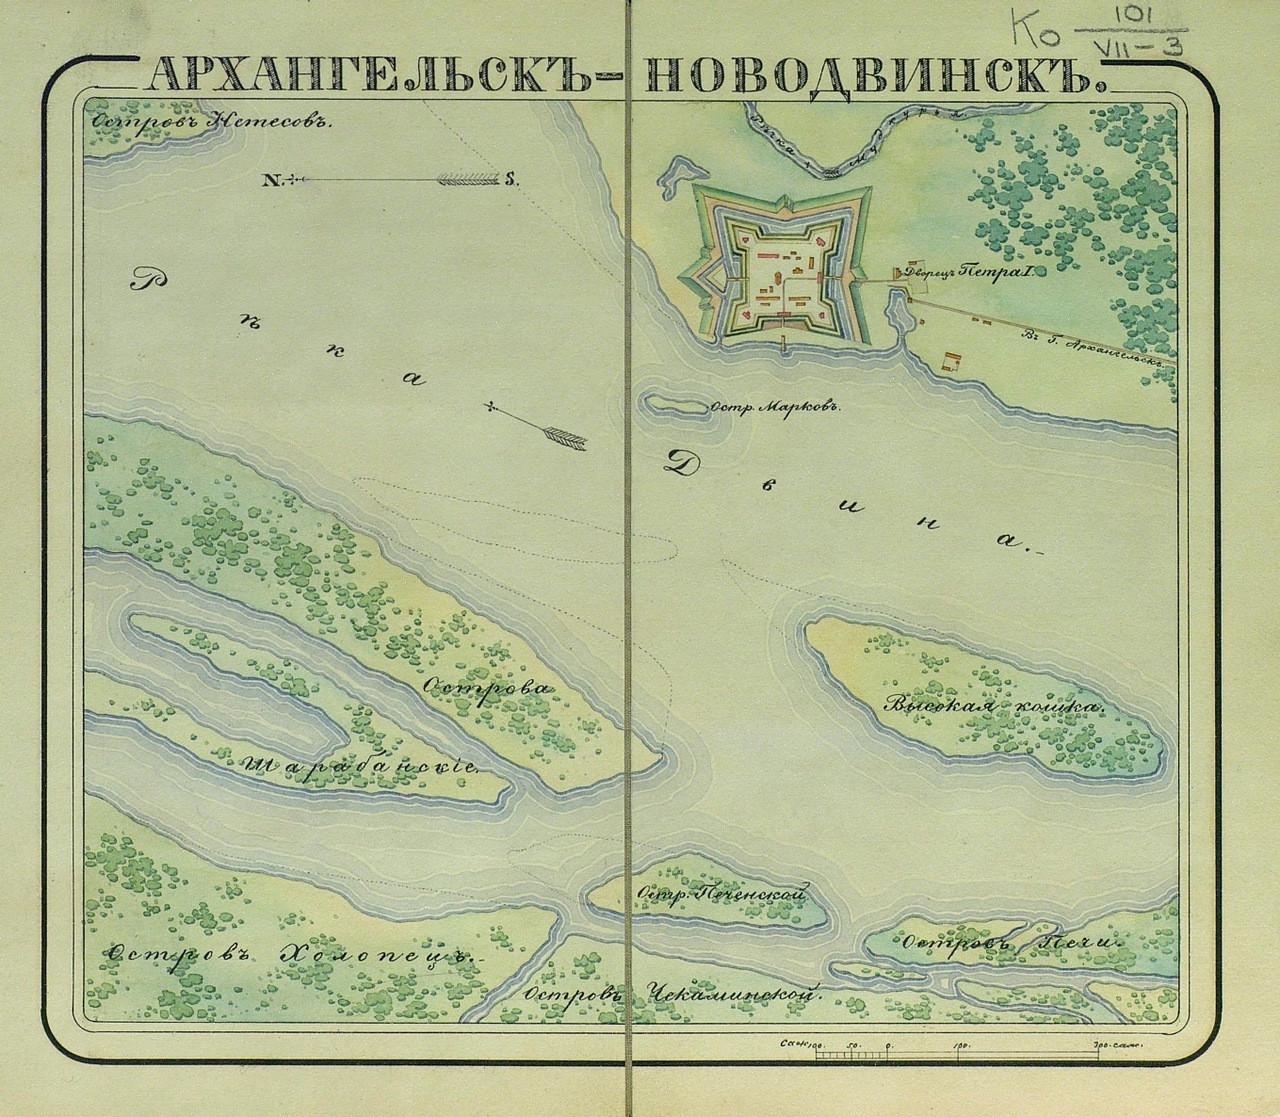 Атлас крепостей. карты Российской империи.